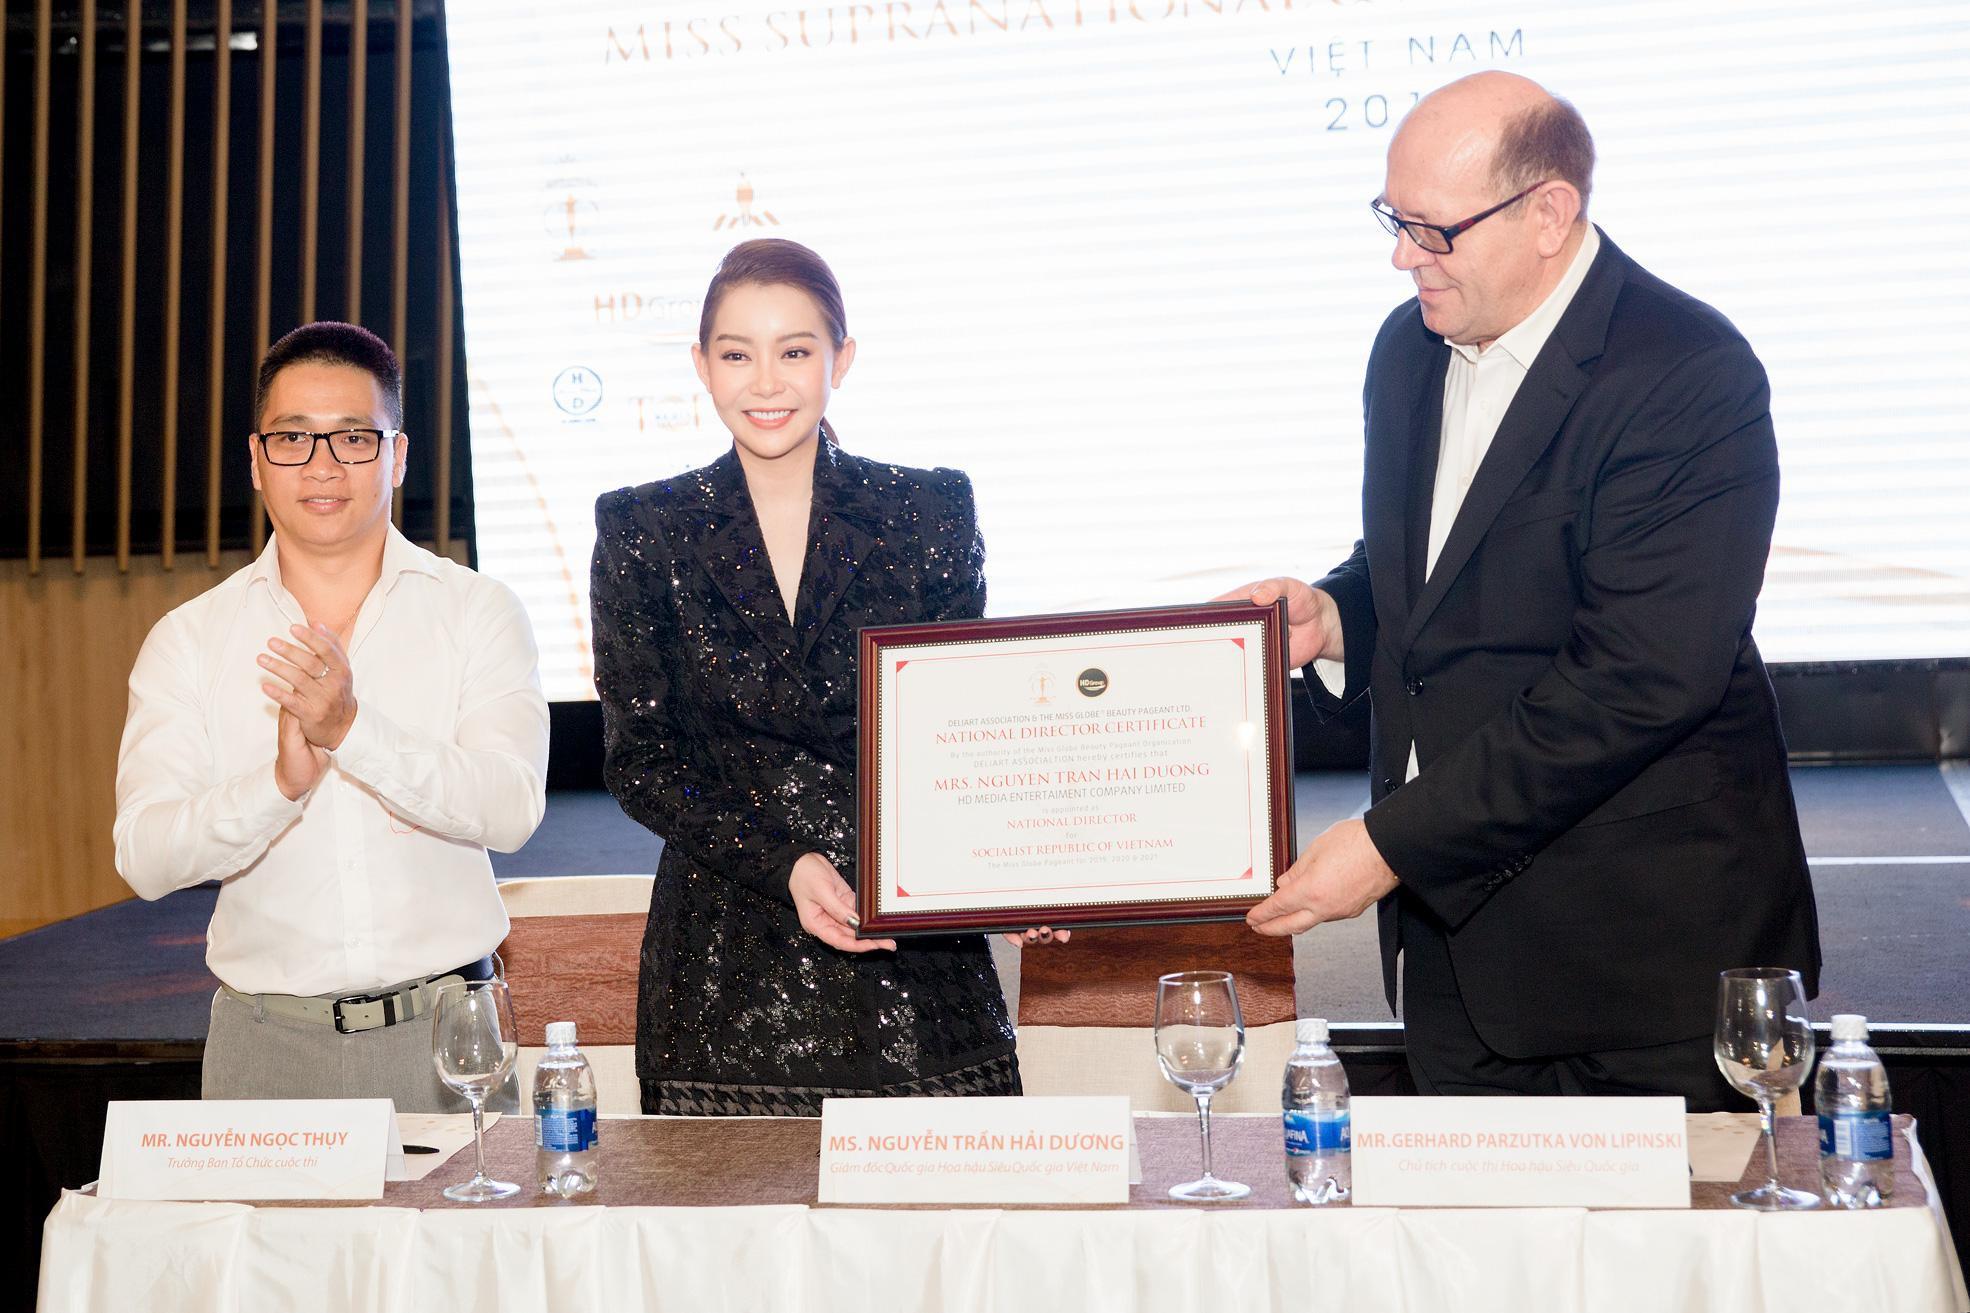 Siêu mẫu Minh Trung được bổ nhiệm làm giám đốc quốc gia Mister Supranational - Ảnh 3.